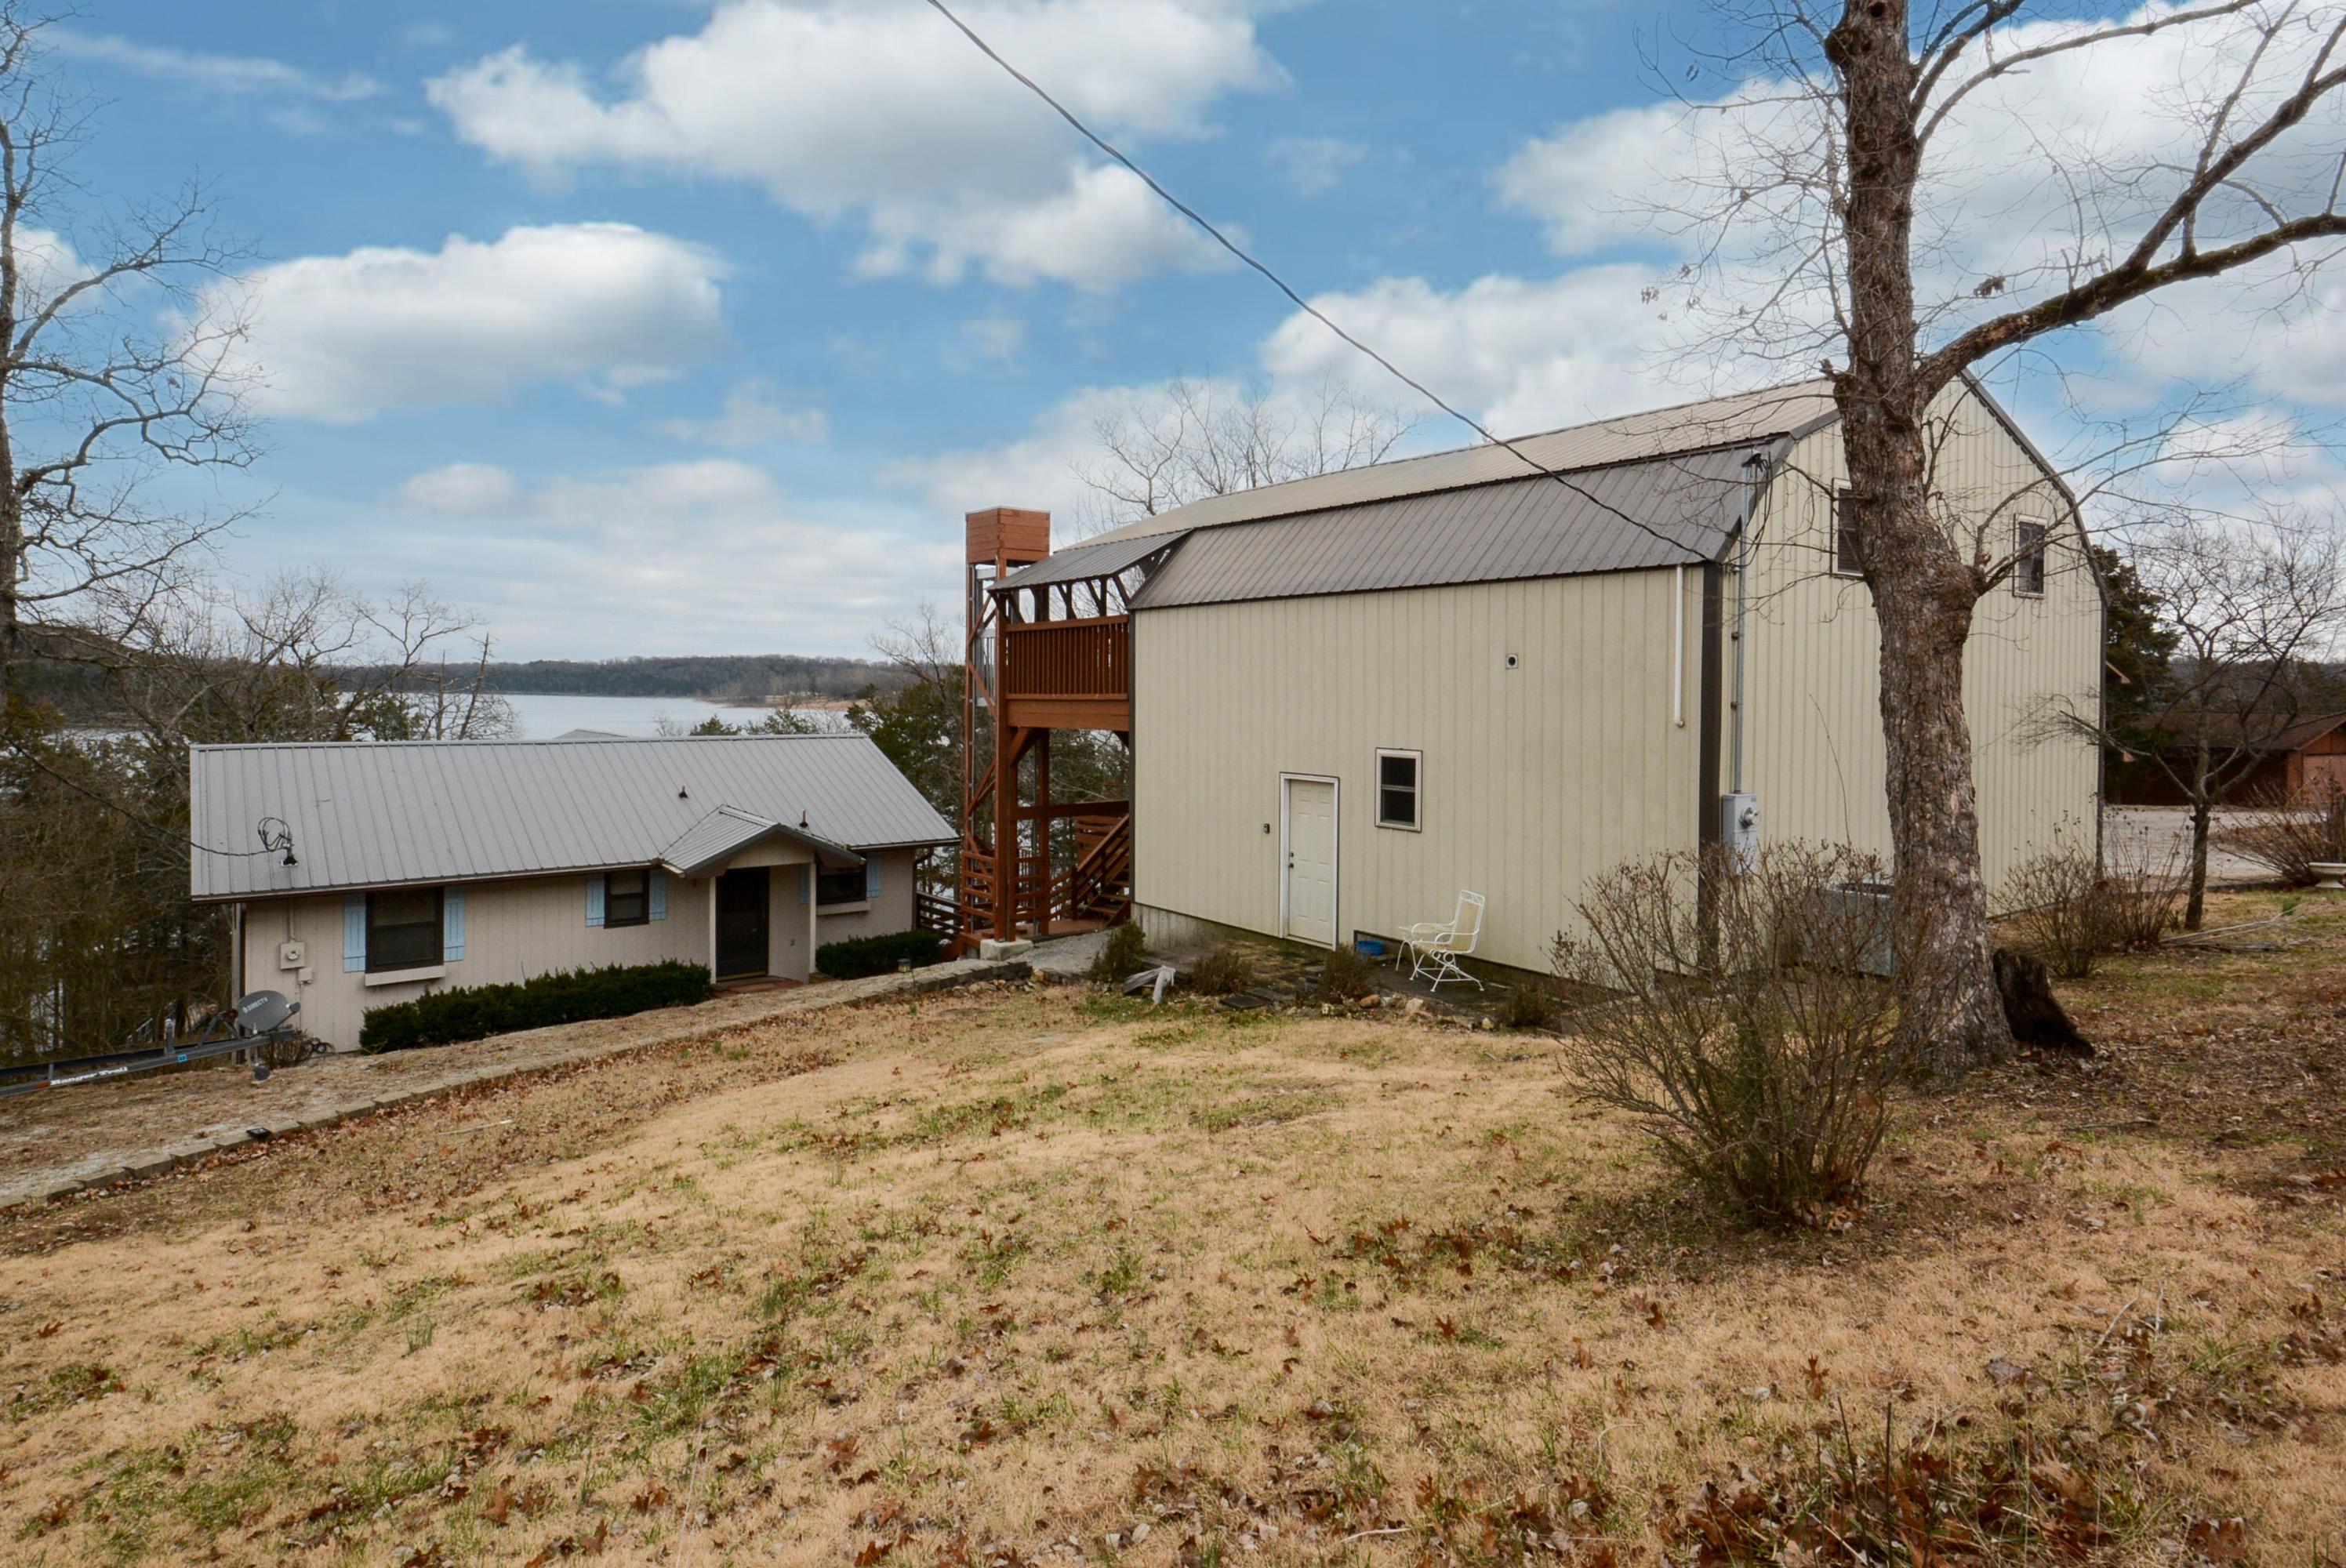 26146 Farm Road Eagle Rock, MO 65641